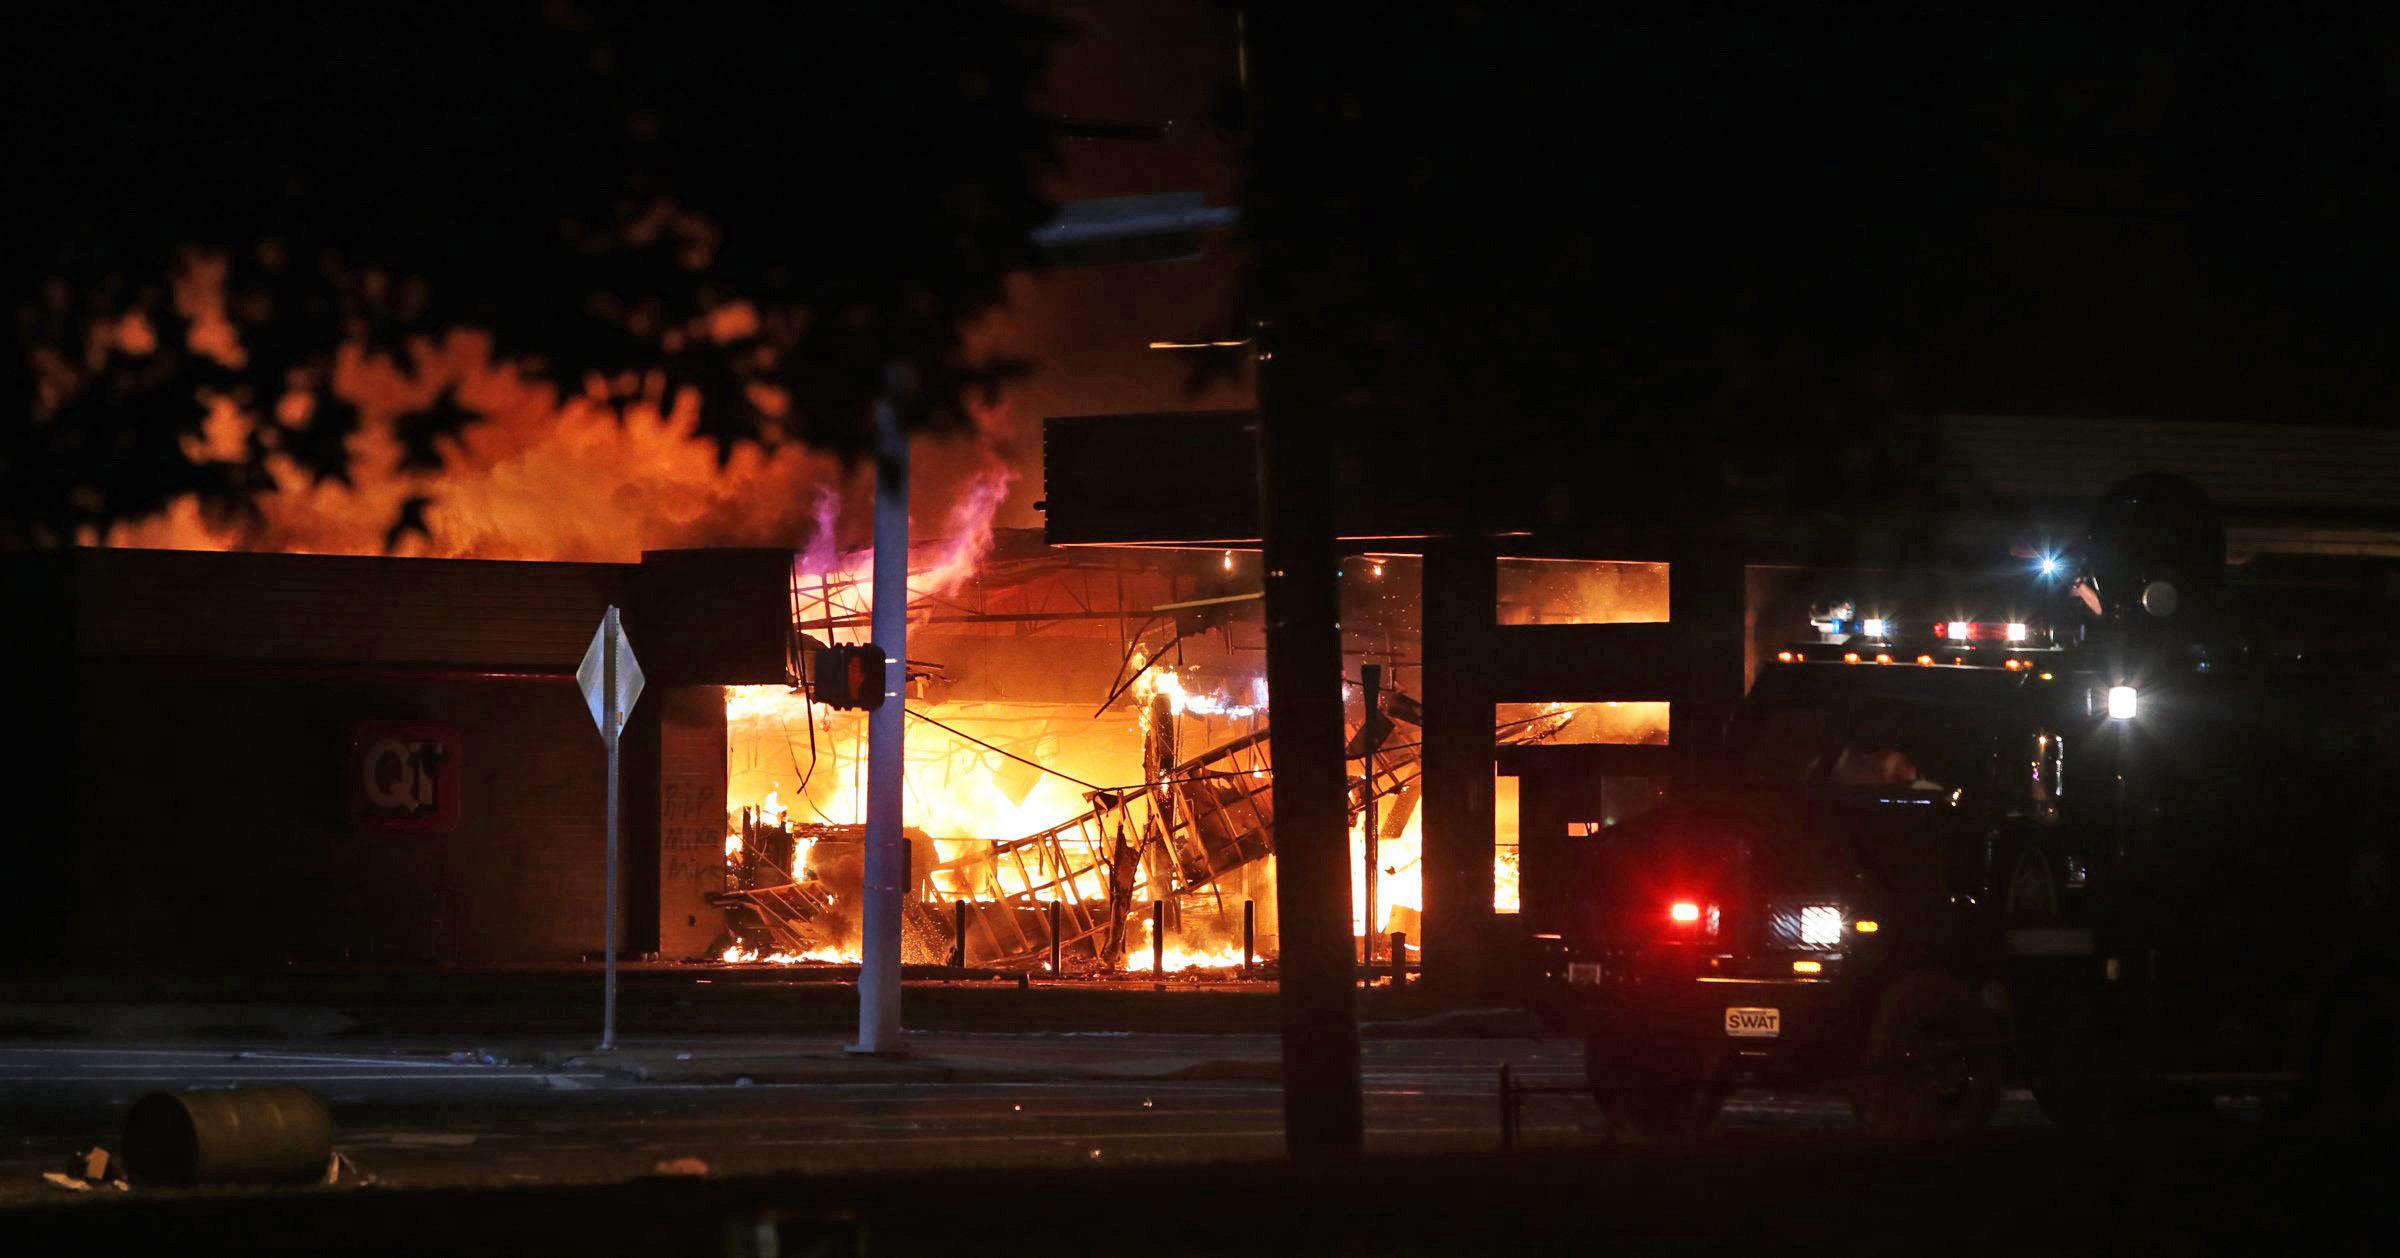 A fire is seen in Ferguson, Mo. on Aug. 10, 2014.